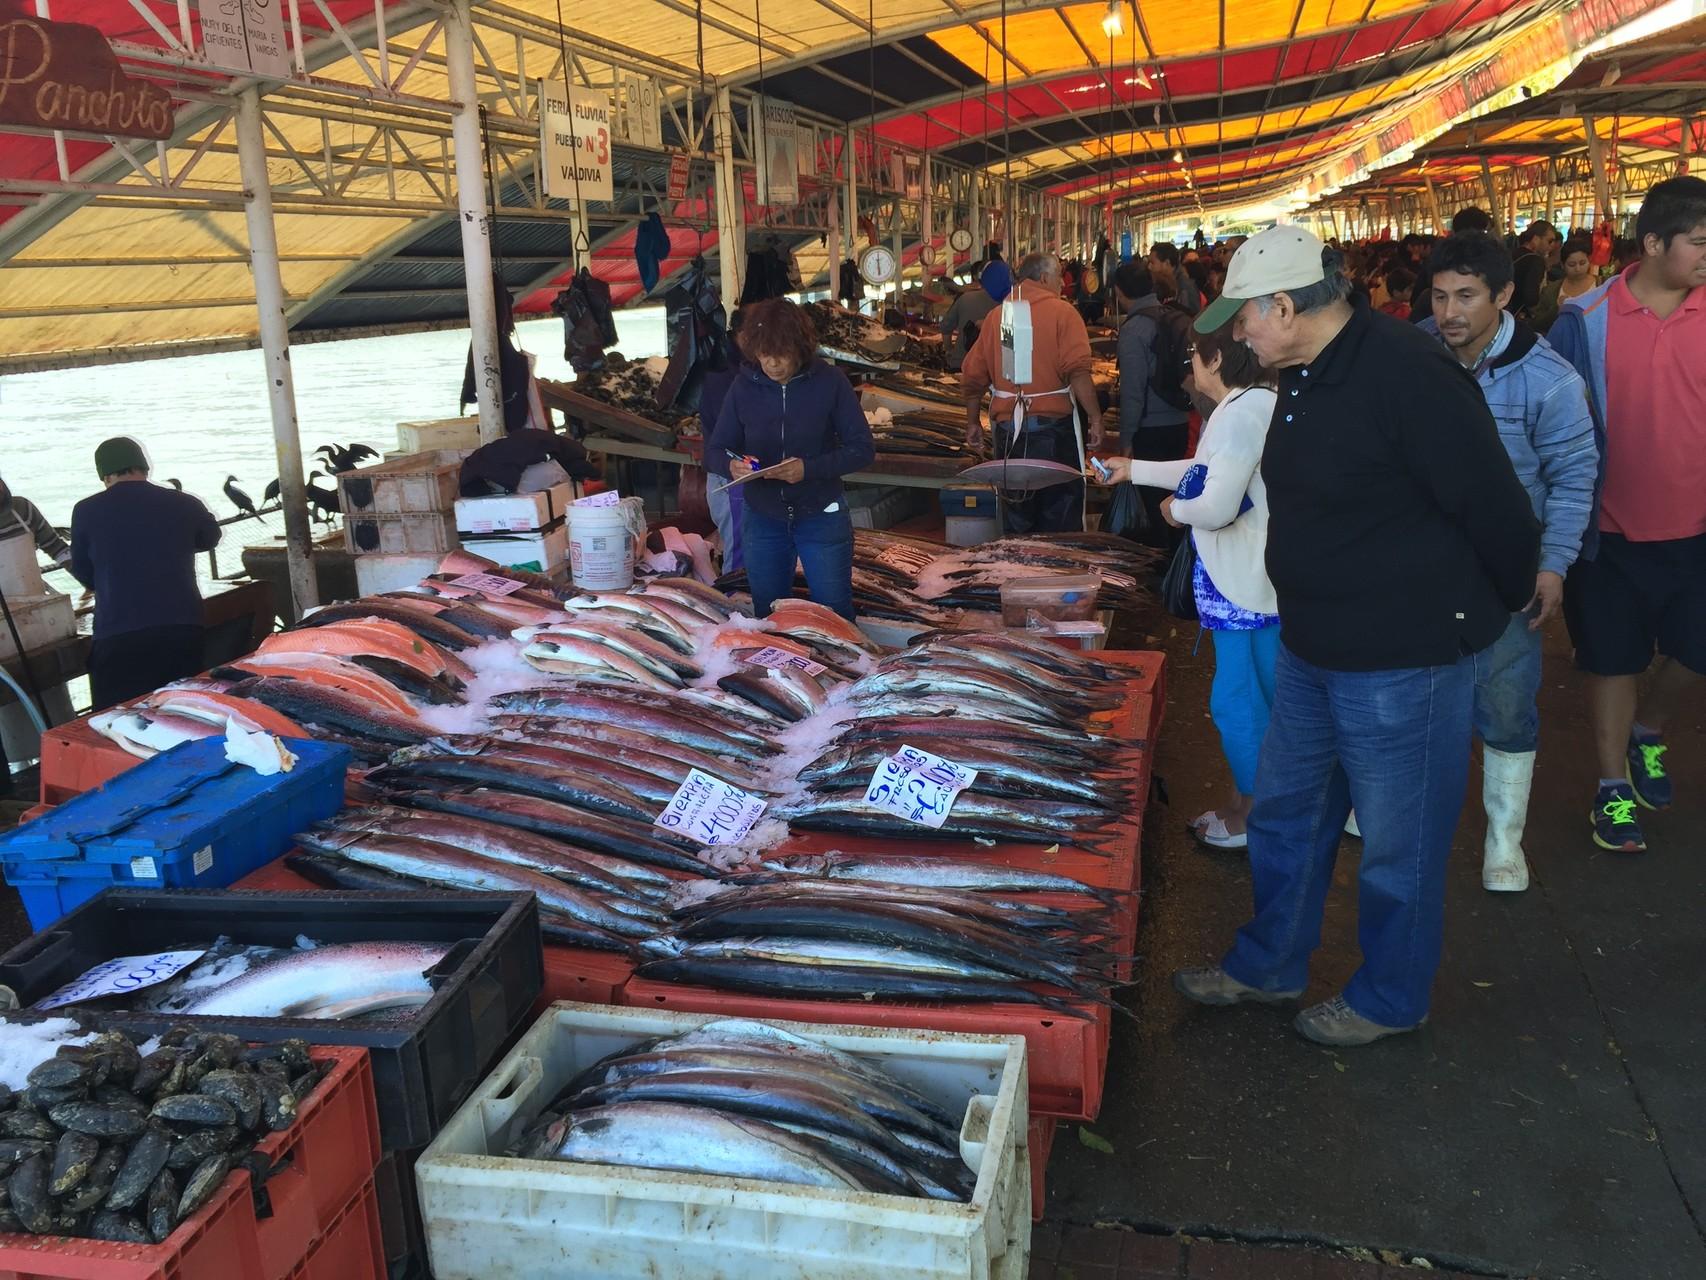 Fischmarkt.....